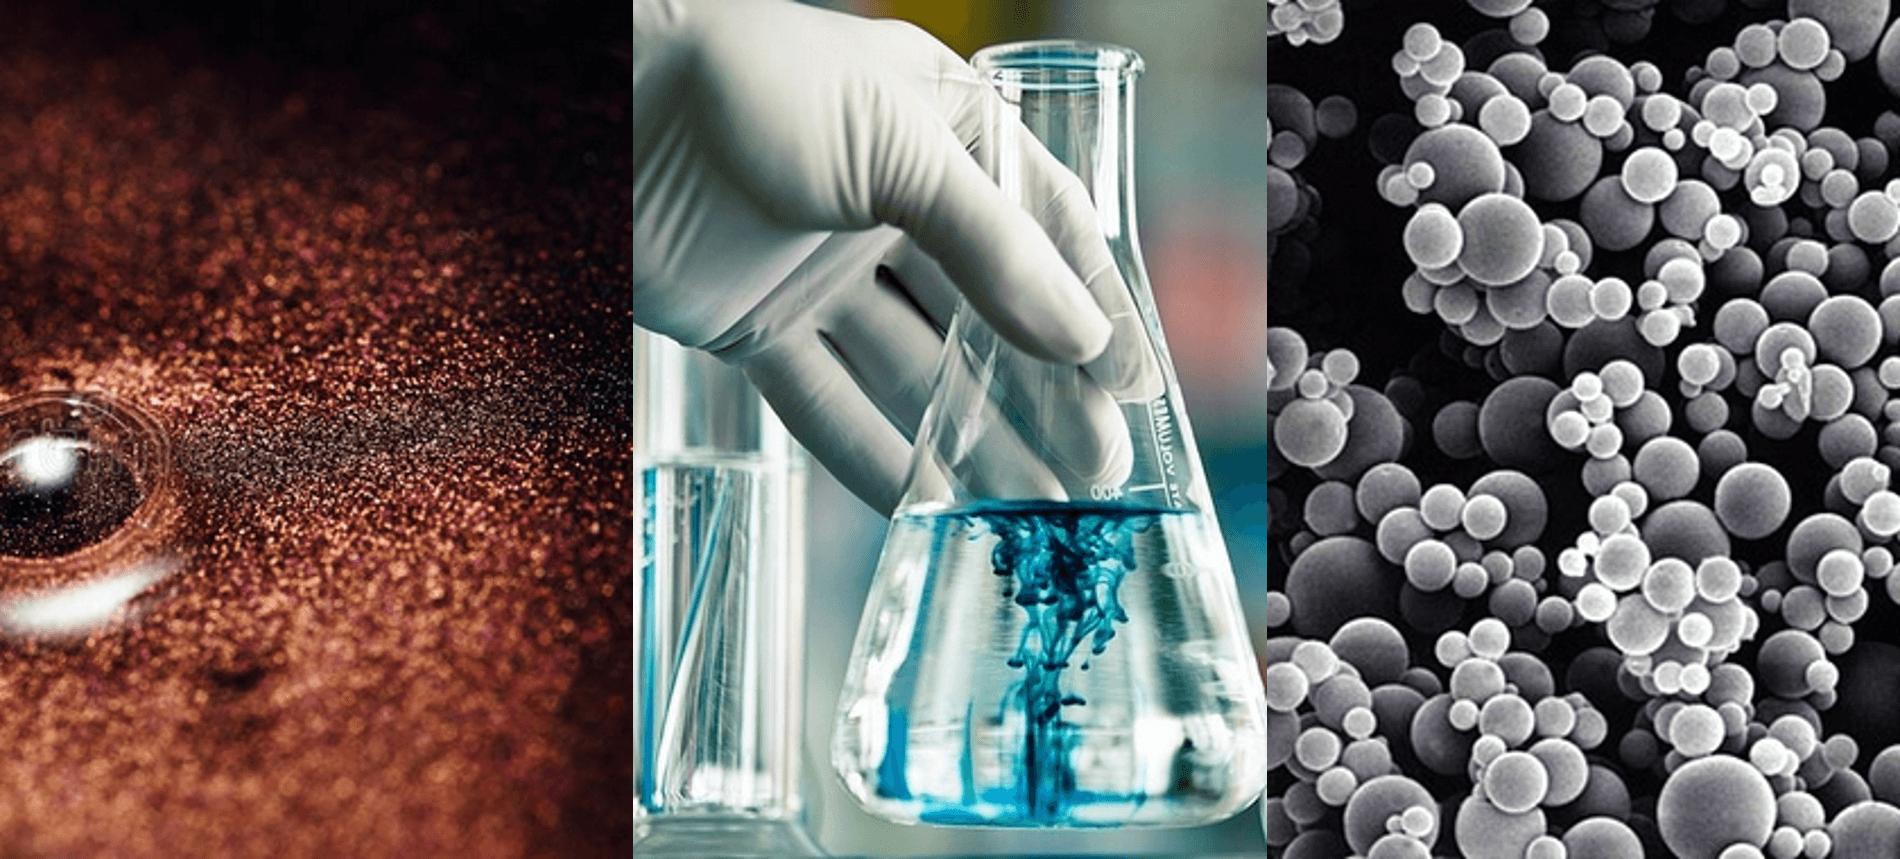 Conductivité thermique d'un nanofluide